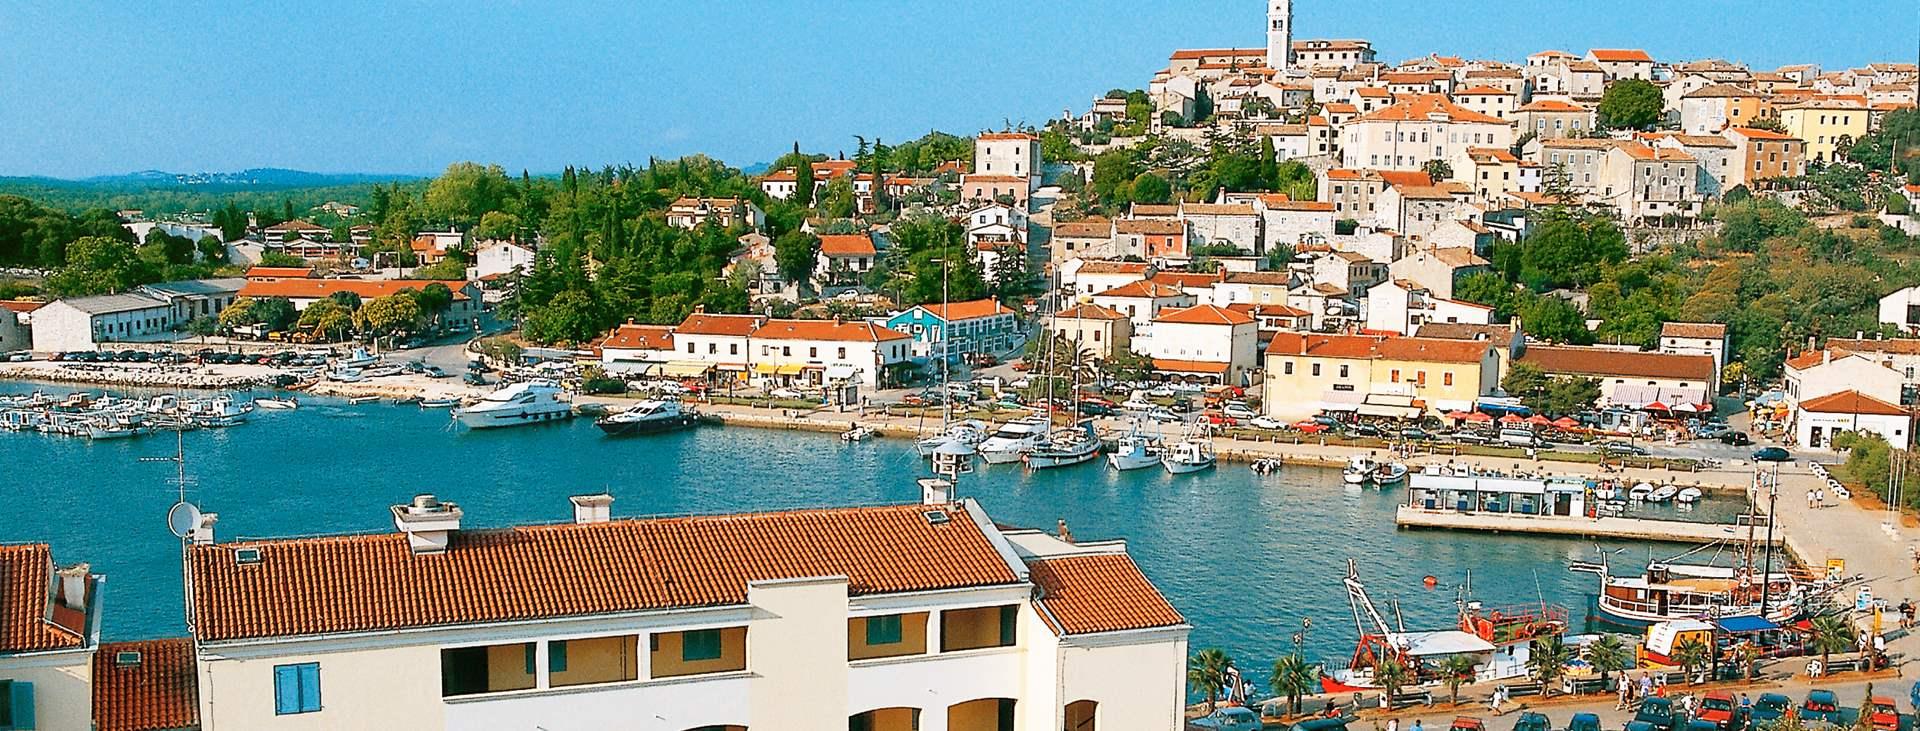 Resor till Vrsar i Istrien i Kroatien